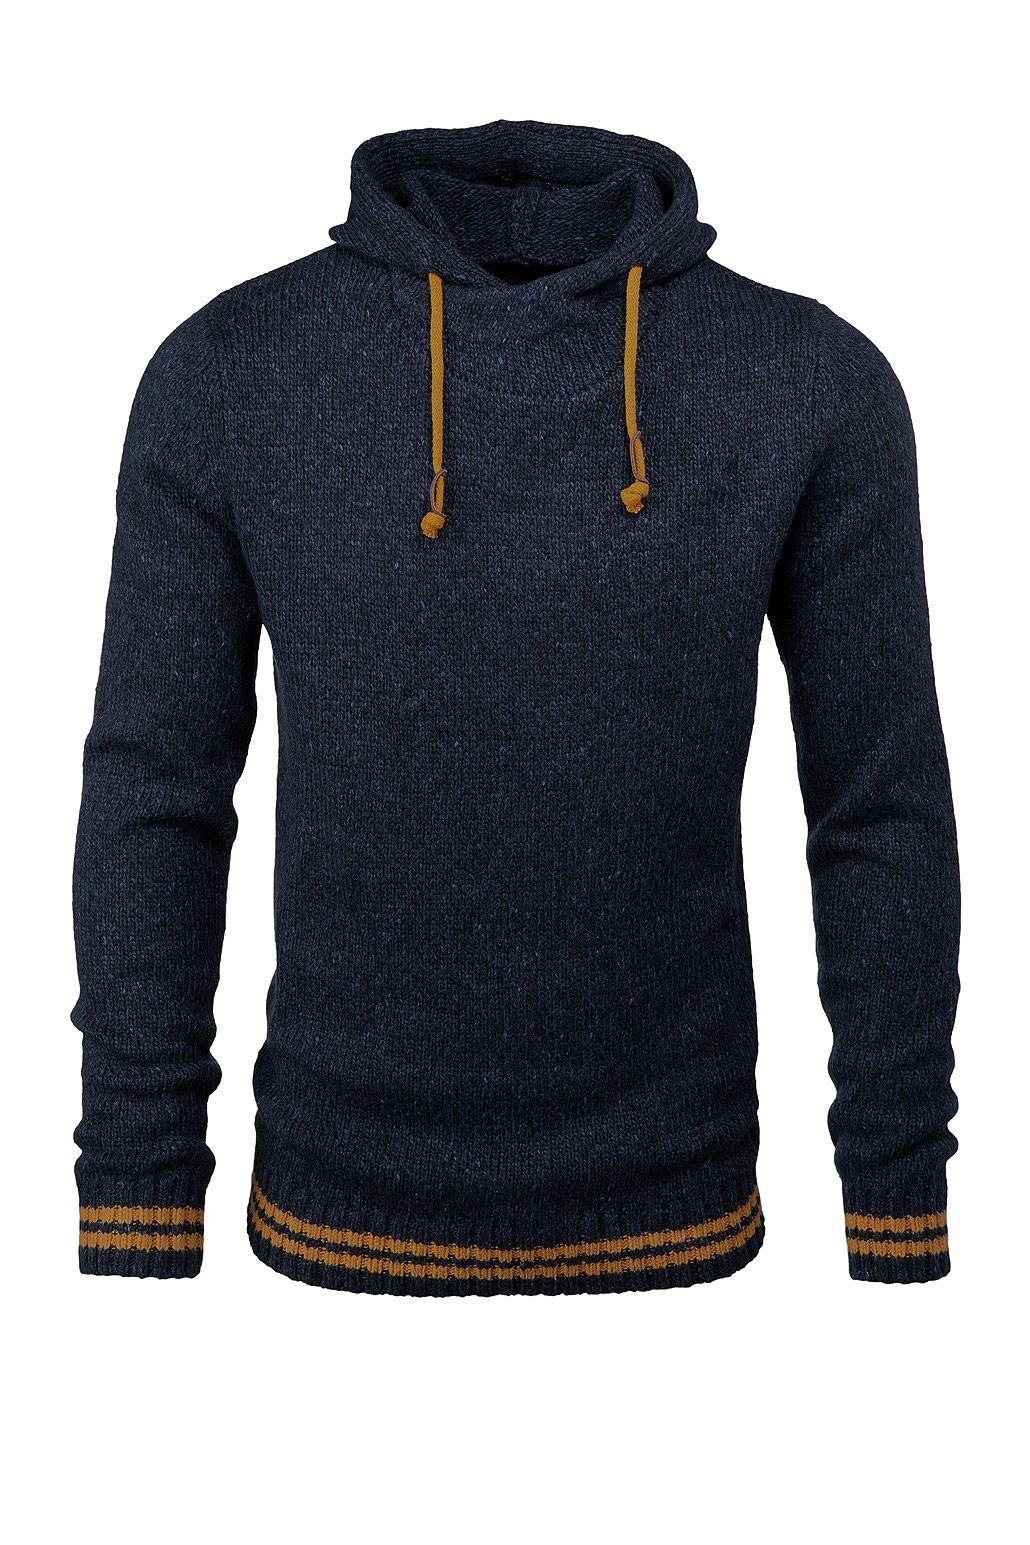 147e106d6b495a Esprit Online-Shop - Kleidung   Accessoires für Damen